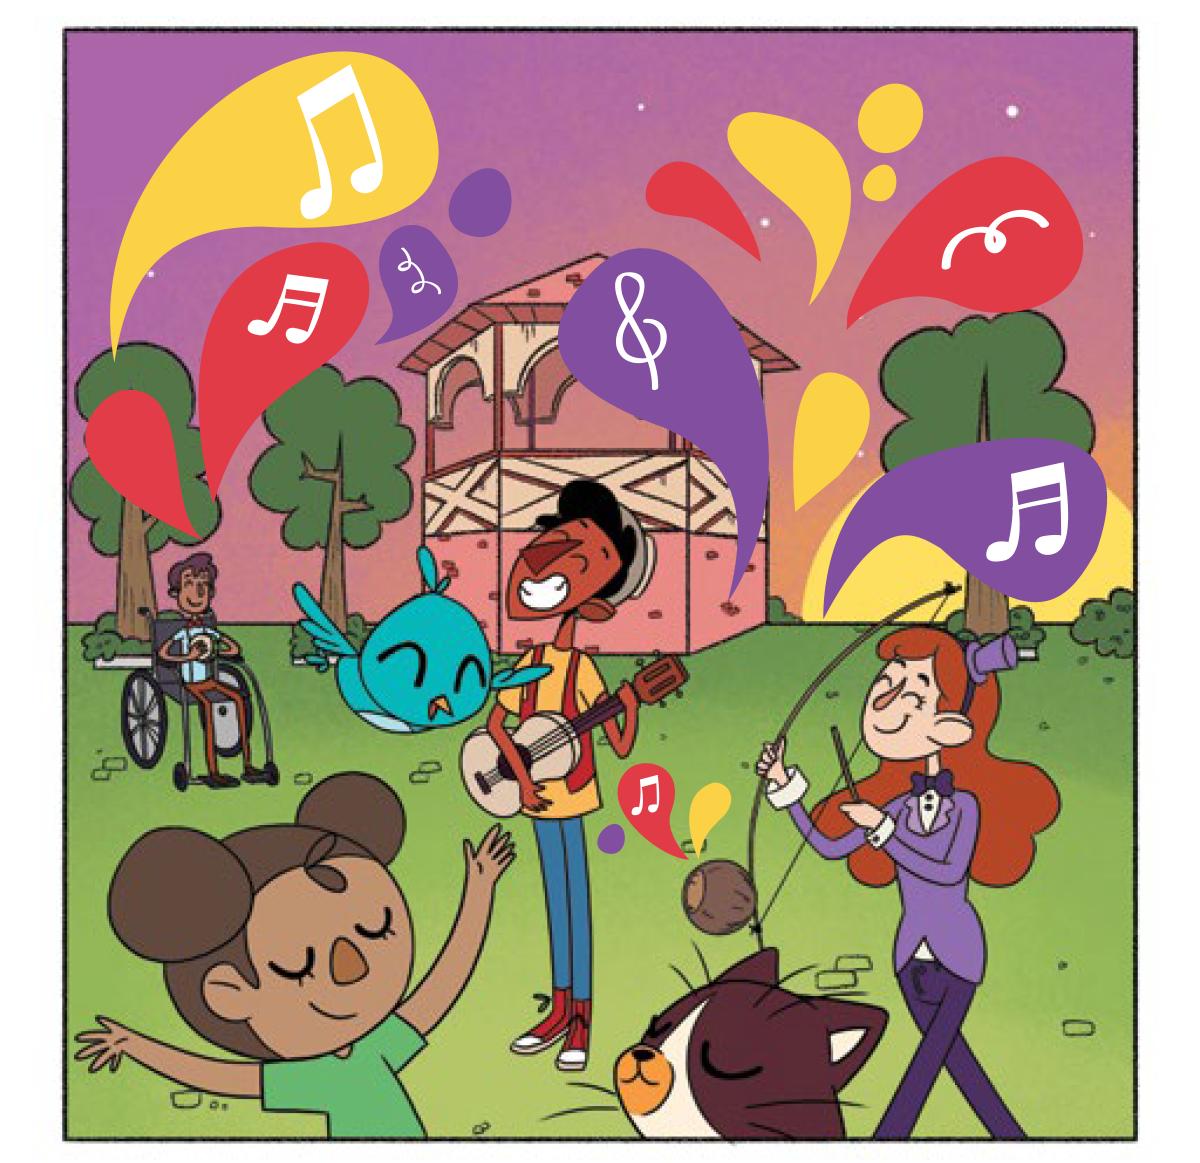 Quadro 5: Na praça, em frente ao coreto, Tuhu toca seu violão, a jovem artista toca o berimbau, o jovem artista toca o pandeiro, a menina dança de braços para cima e olhos fechados, Noêmia voa pelos ares e Raul ouve todos os sons atentamente.